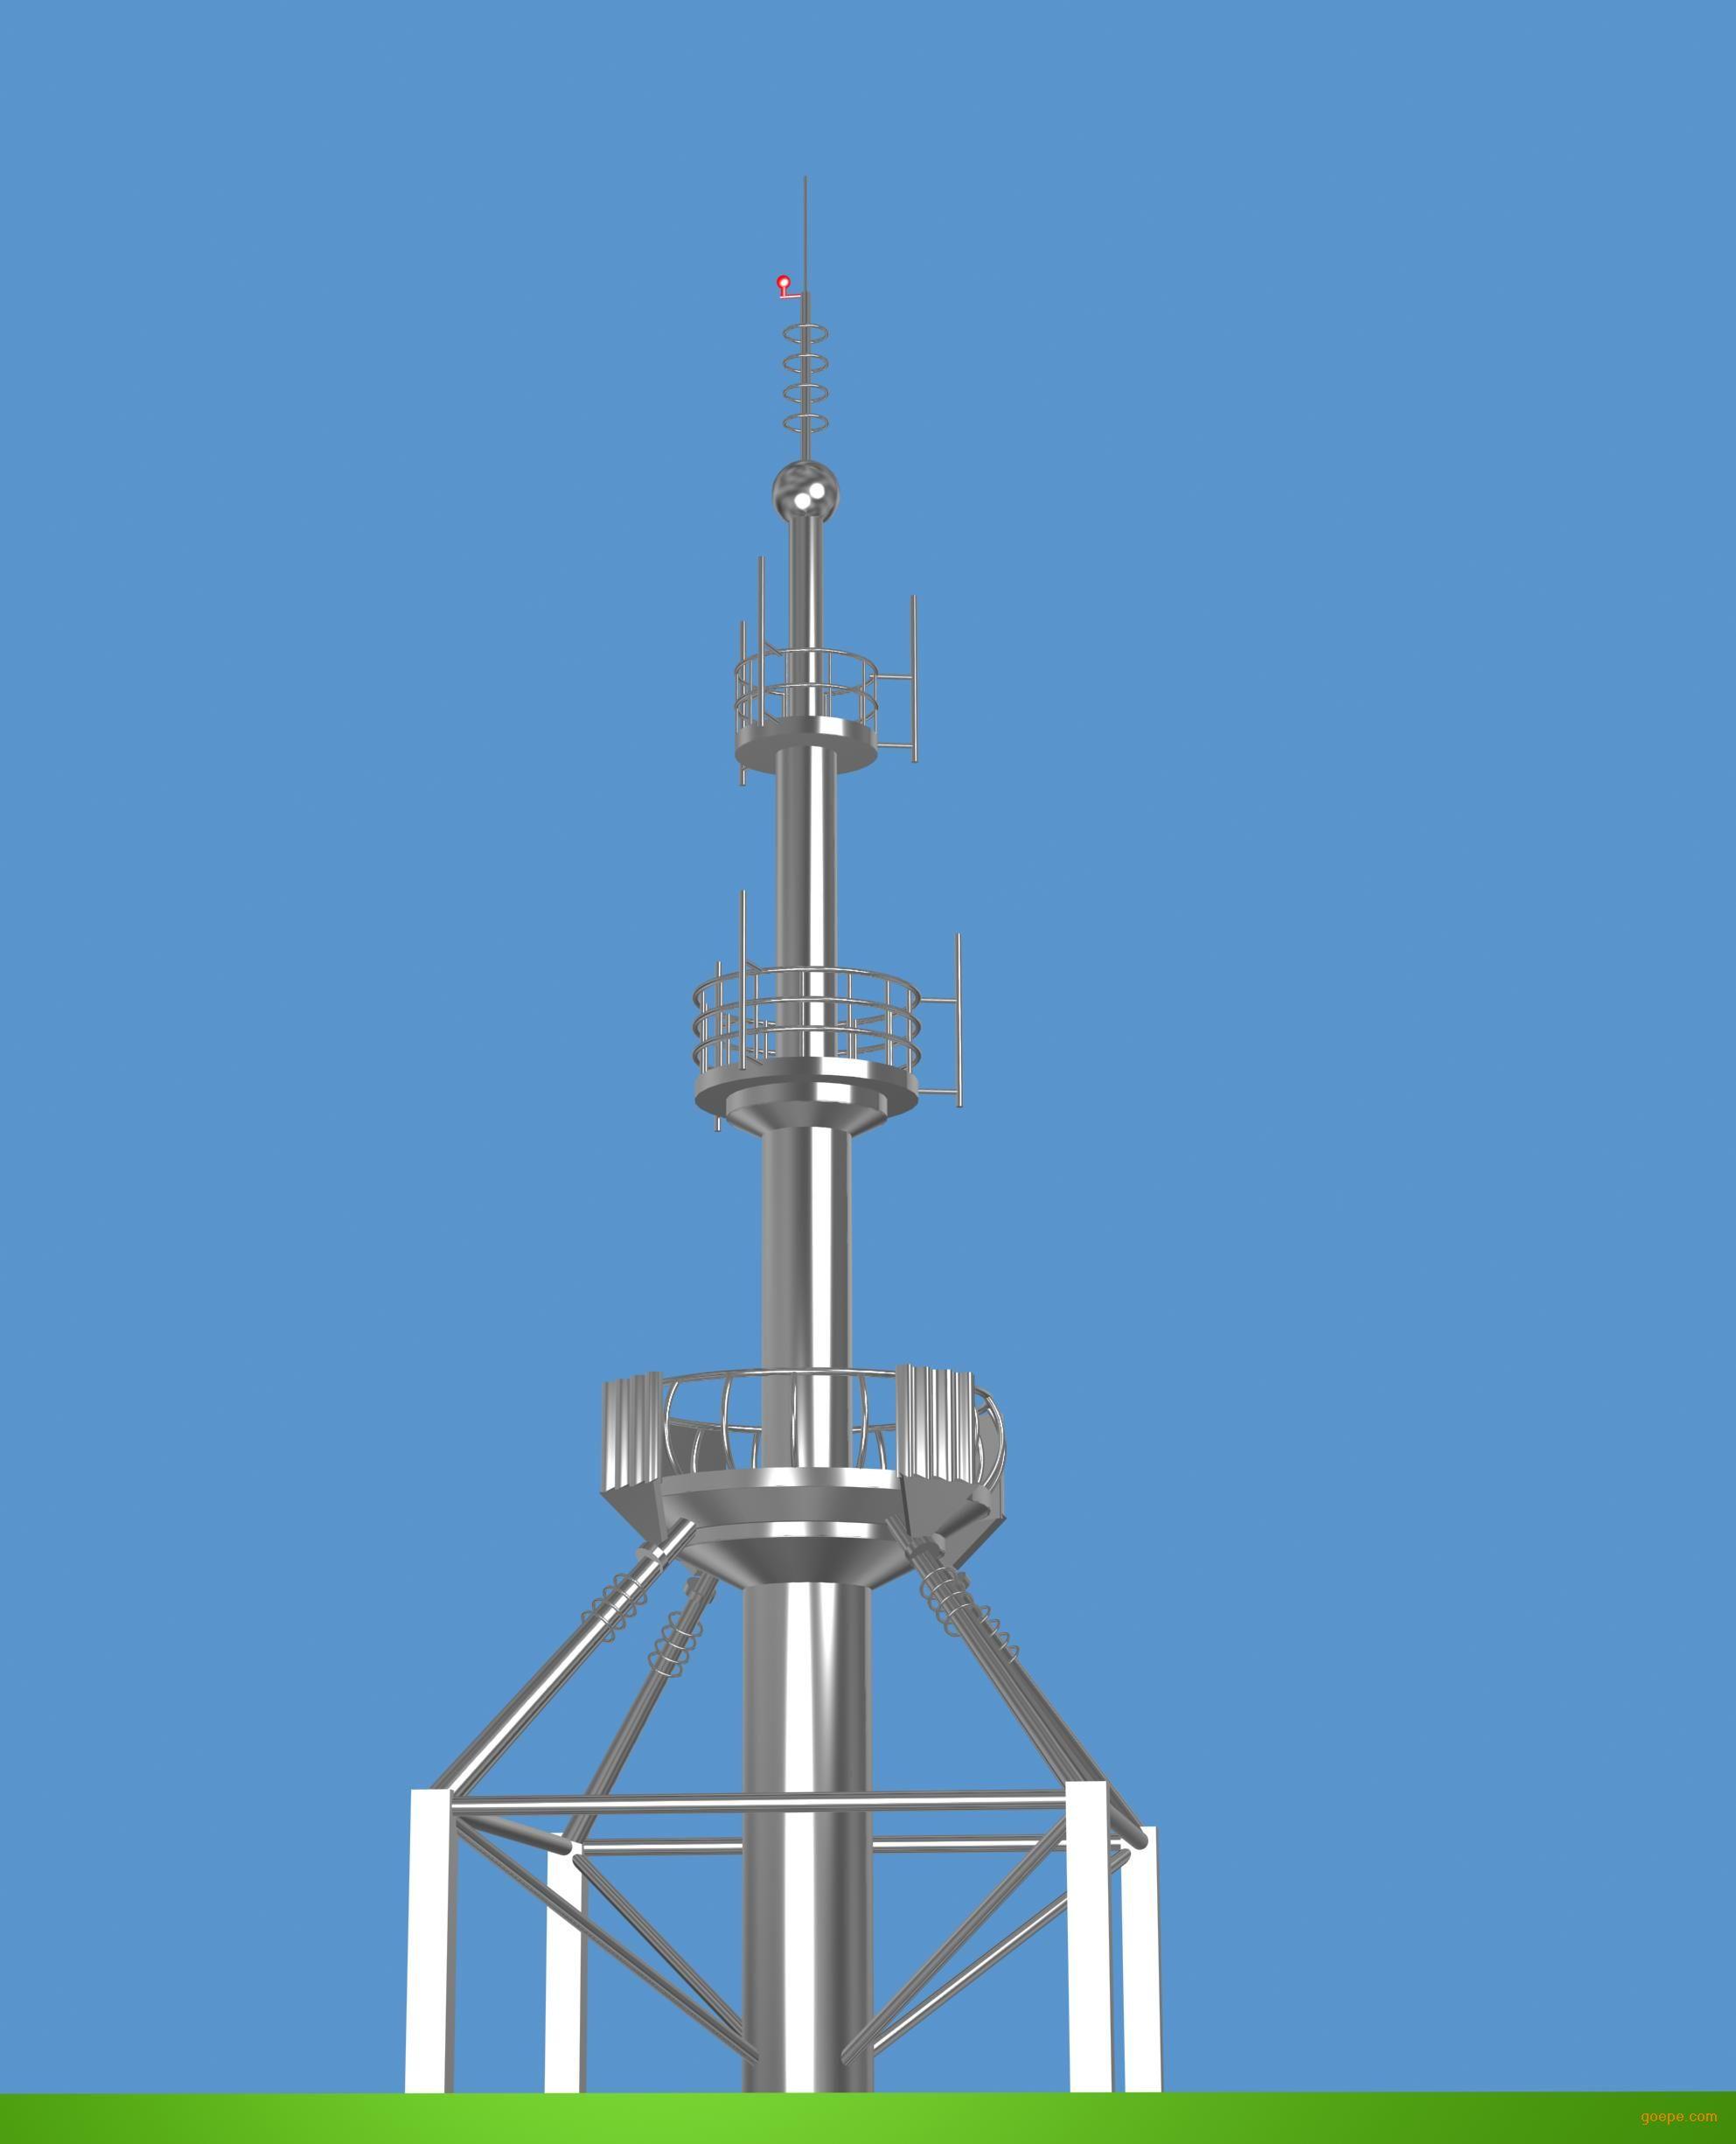 楼顶金属装饰架gyt型避雷工艺塔-不锈钢避雷塔-钢结构